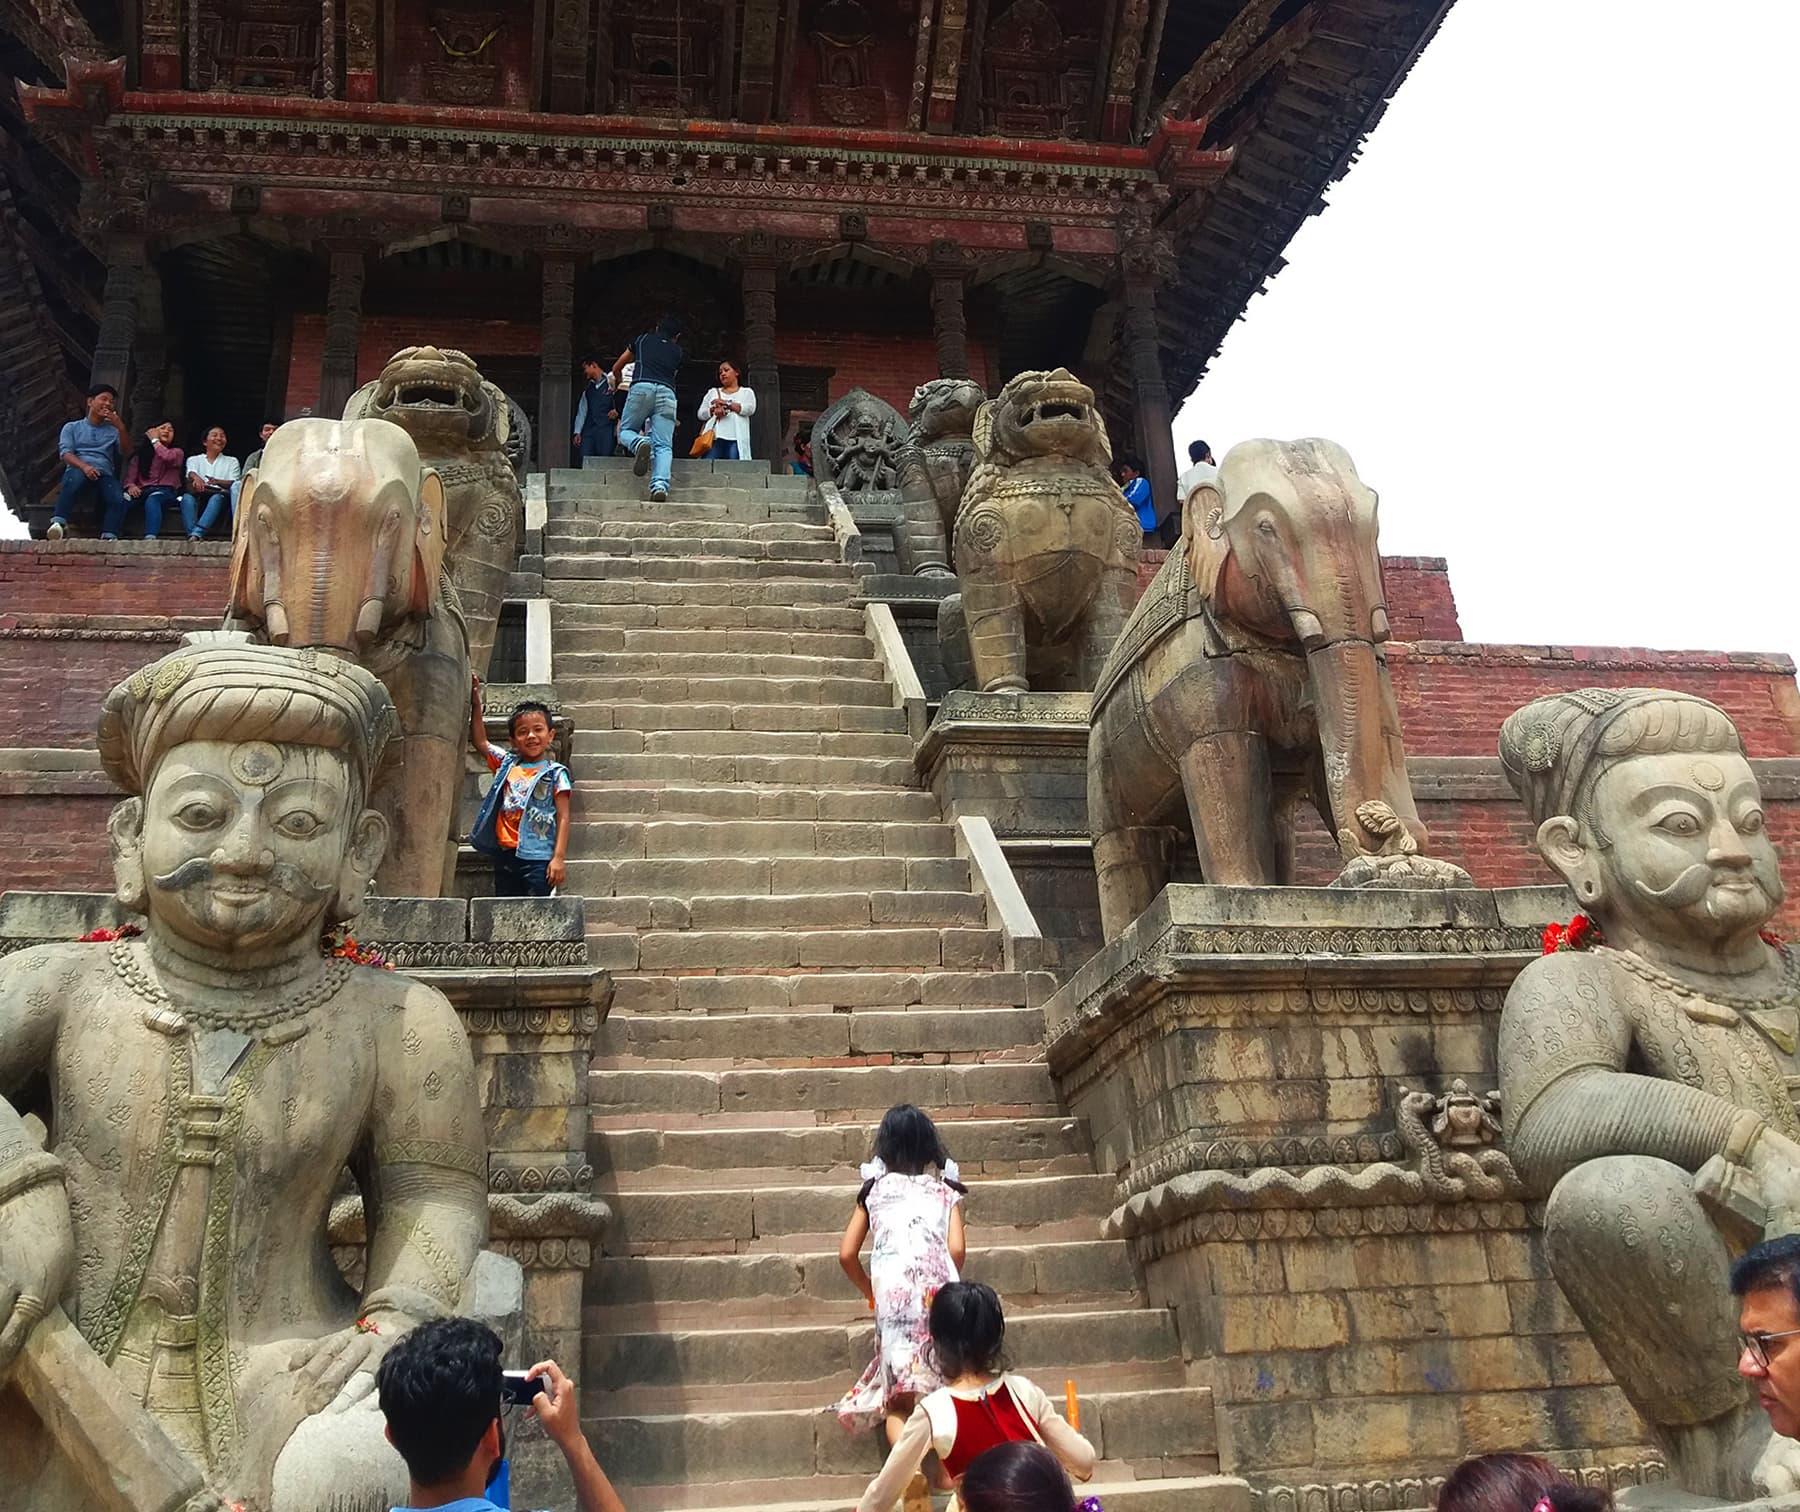 نیپال میں سنگ تراشی کے نہایت خوبصورت نمونے دیکھنے کو ملتے ہیں—تصویر شبینہ فراز